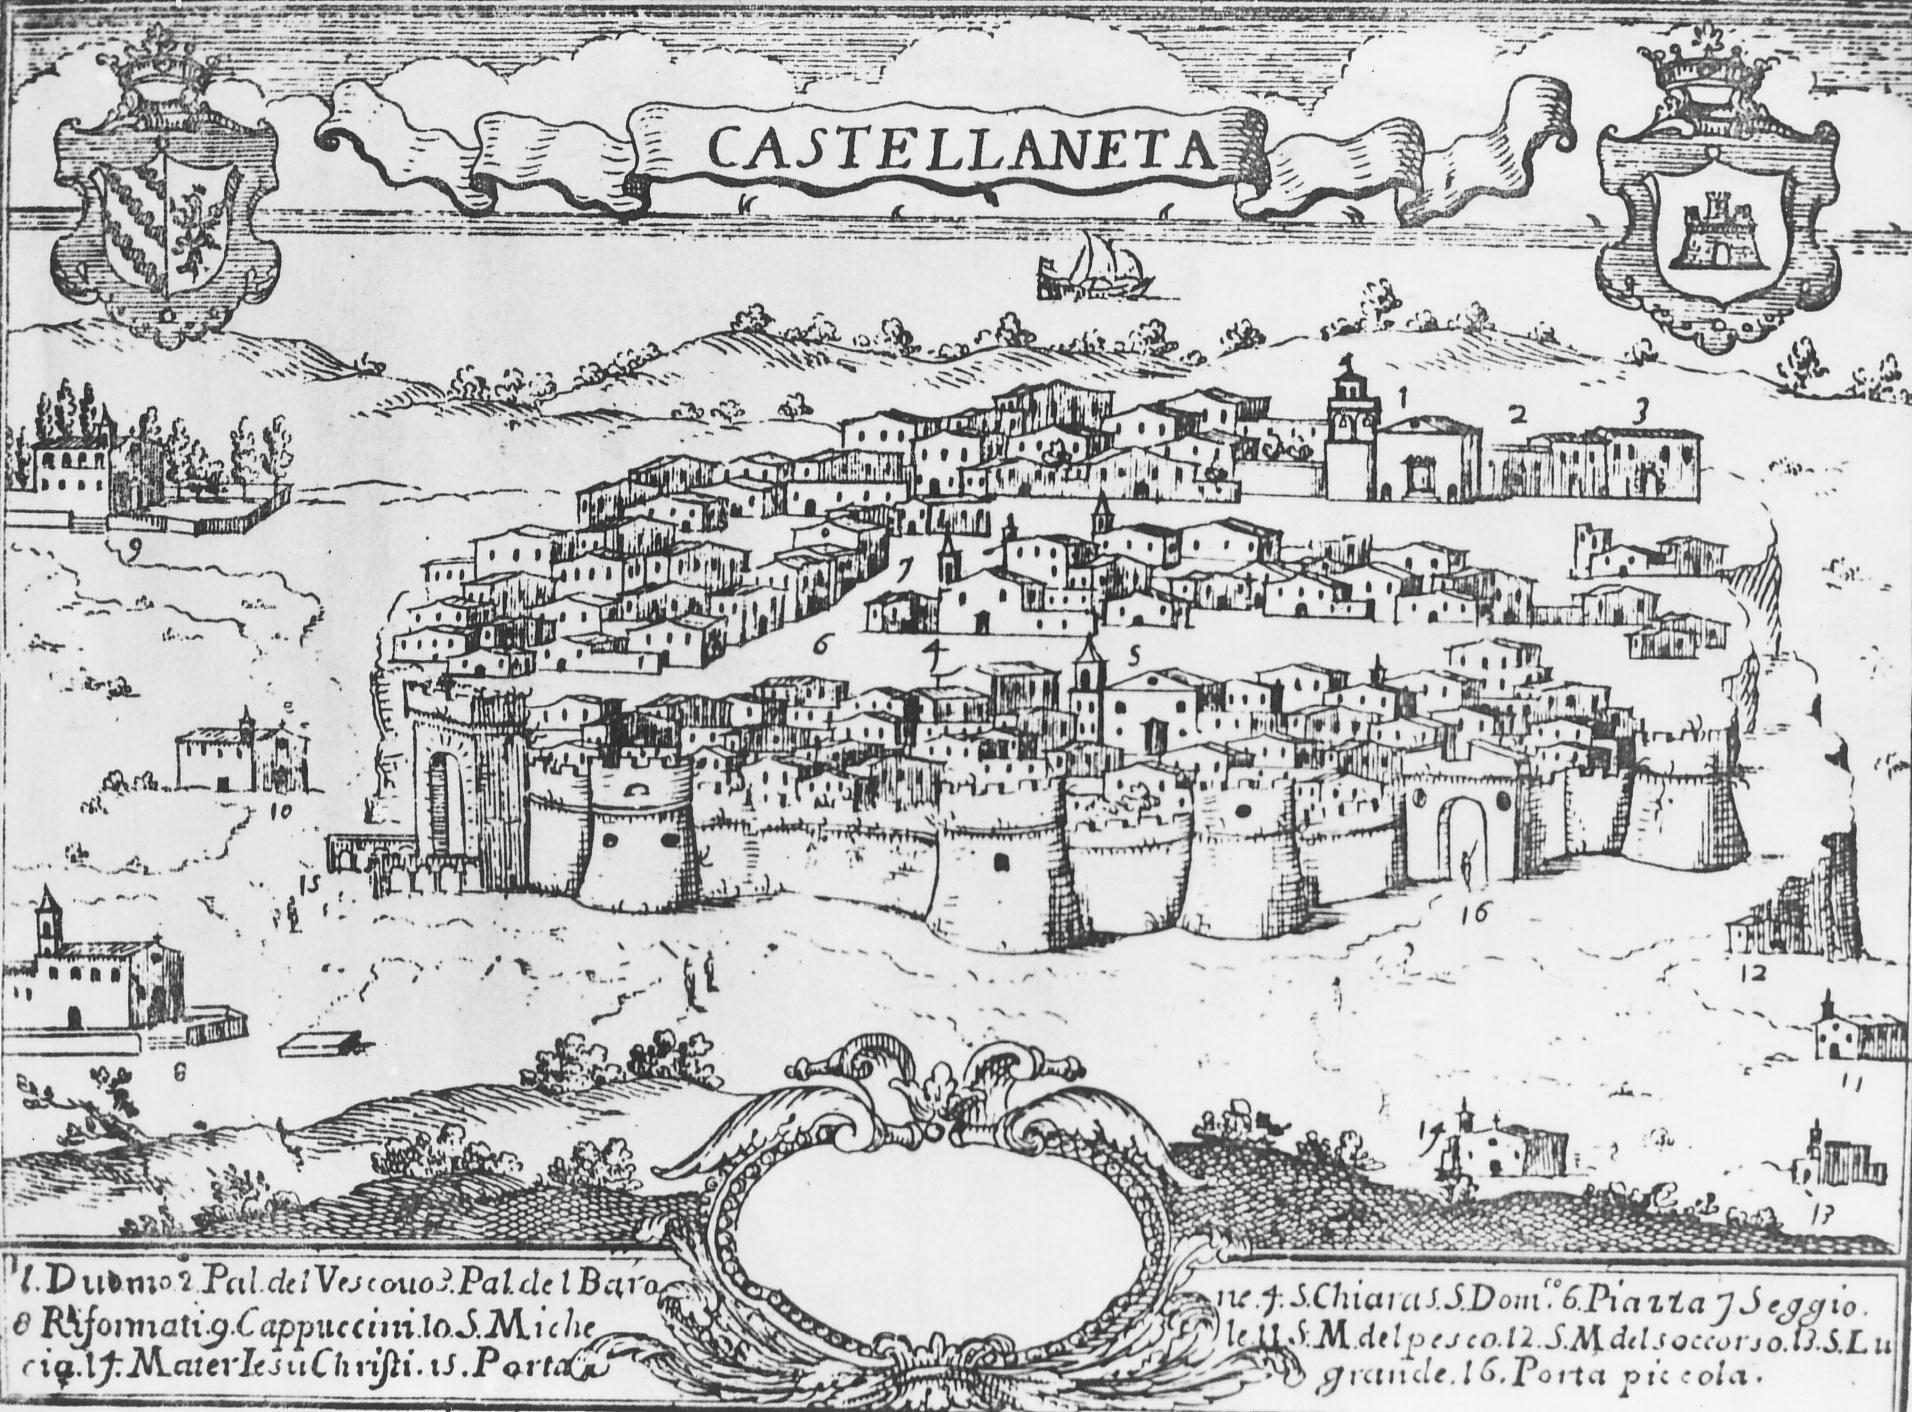 Castellaneta centro storico nel 1700